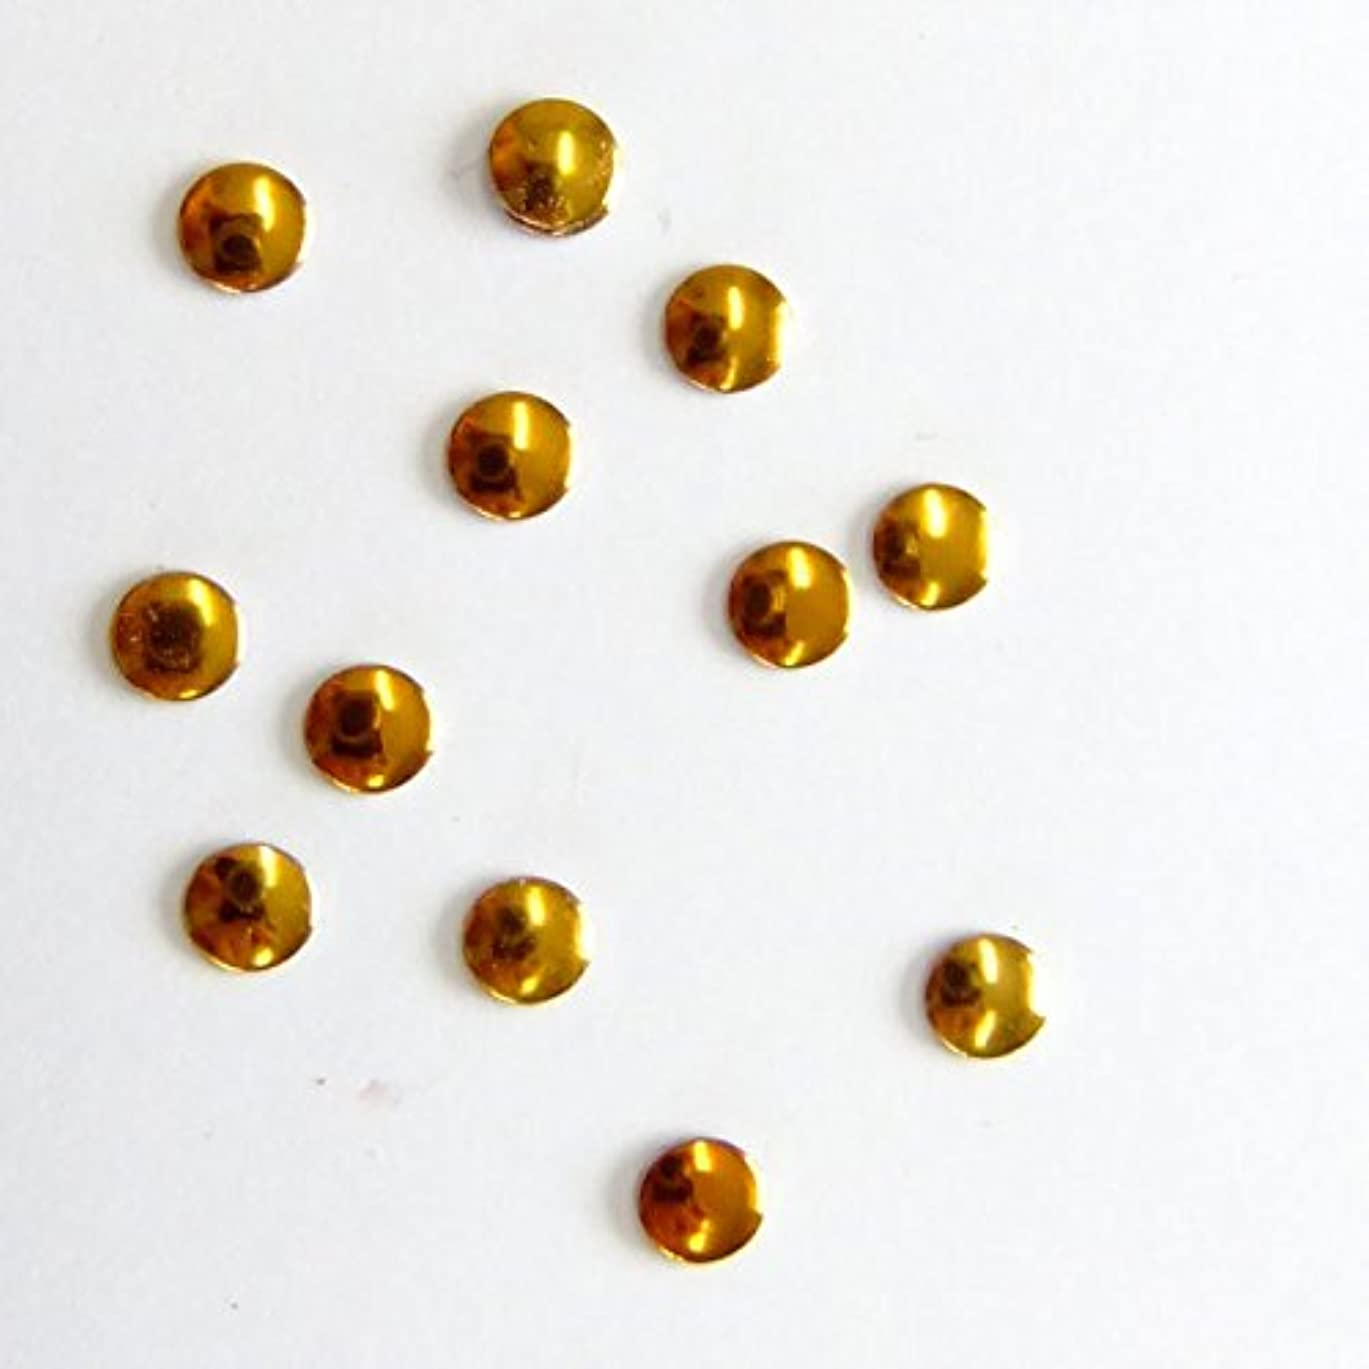 マント作り上げる控えめなミスティックフレース ネイル用ストーン メタルスタッズ サークル 3mm ゴールド 50P